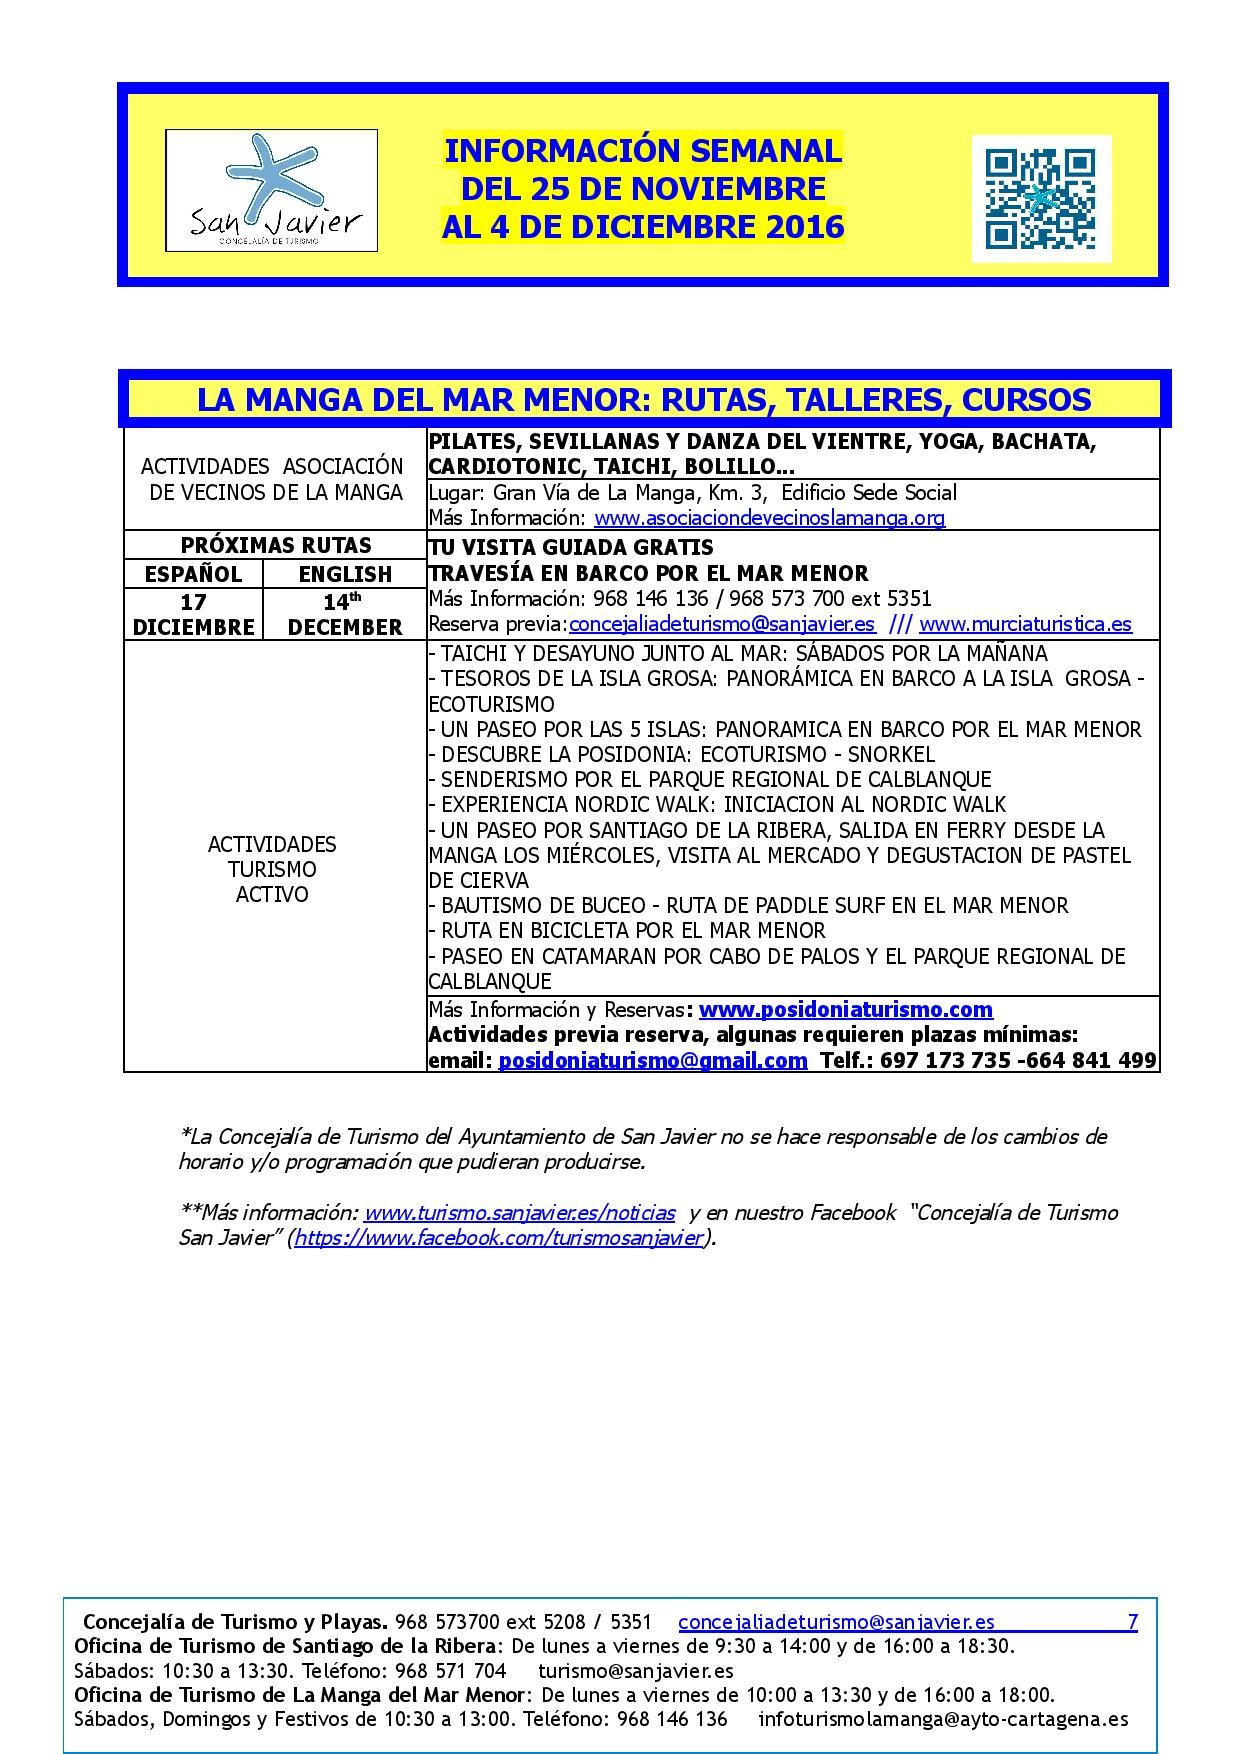 del-25-de-nov-al-4-de-dic-page-007